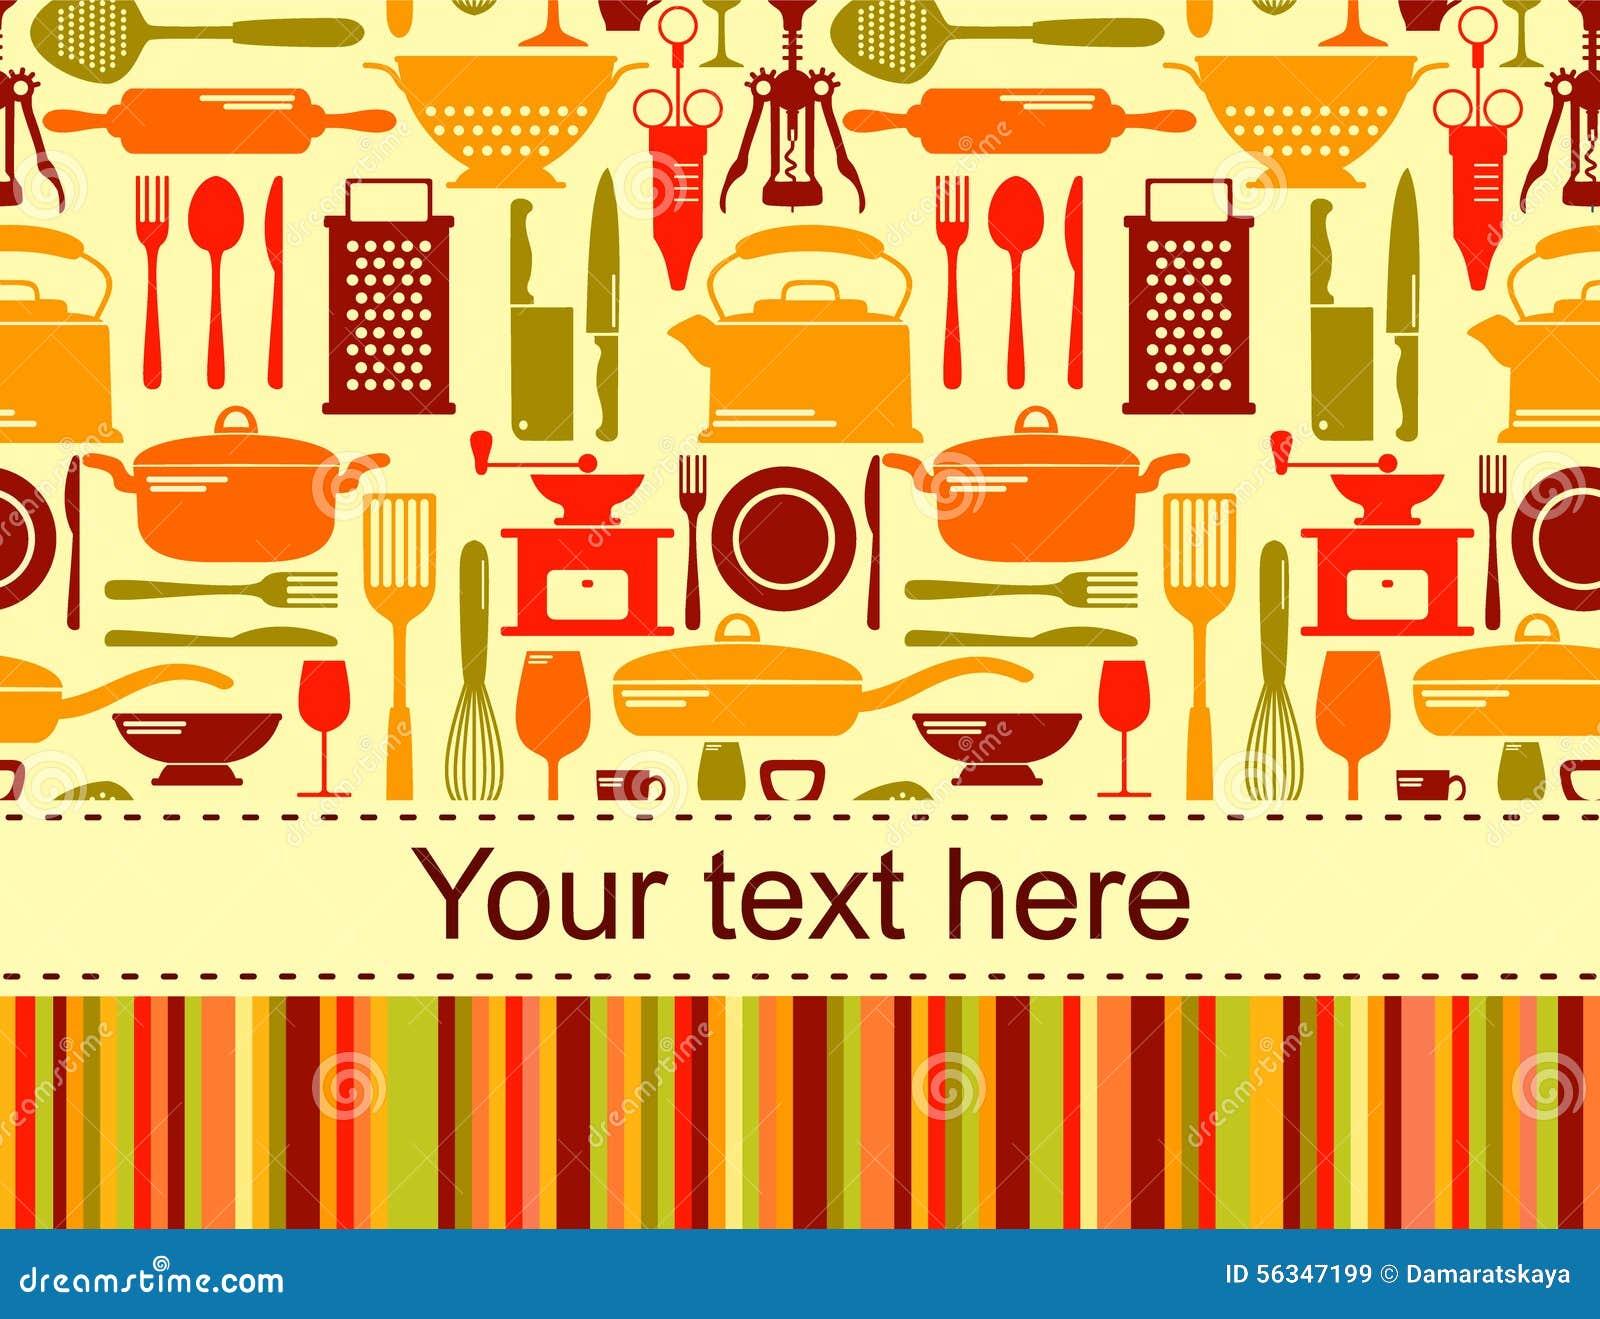 Fondo De La Cocina Con El Lugar Para El Texto Ilustraci N